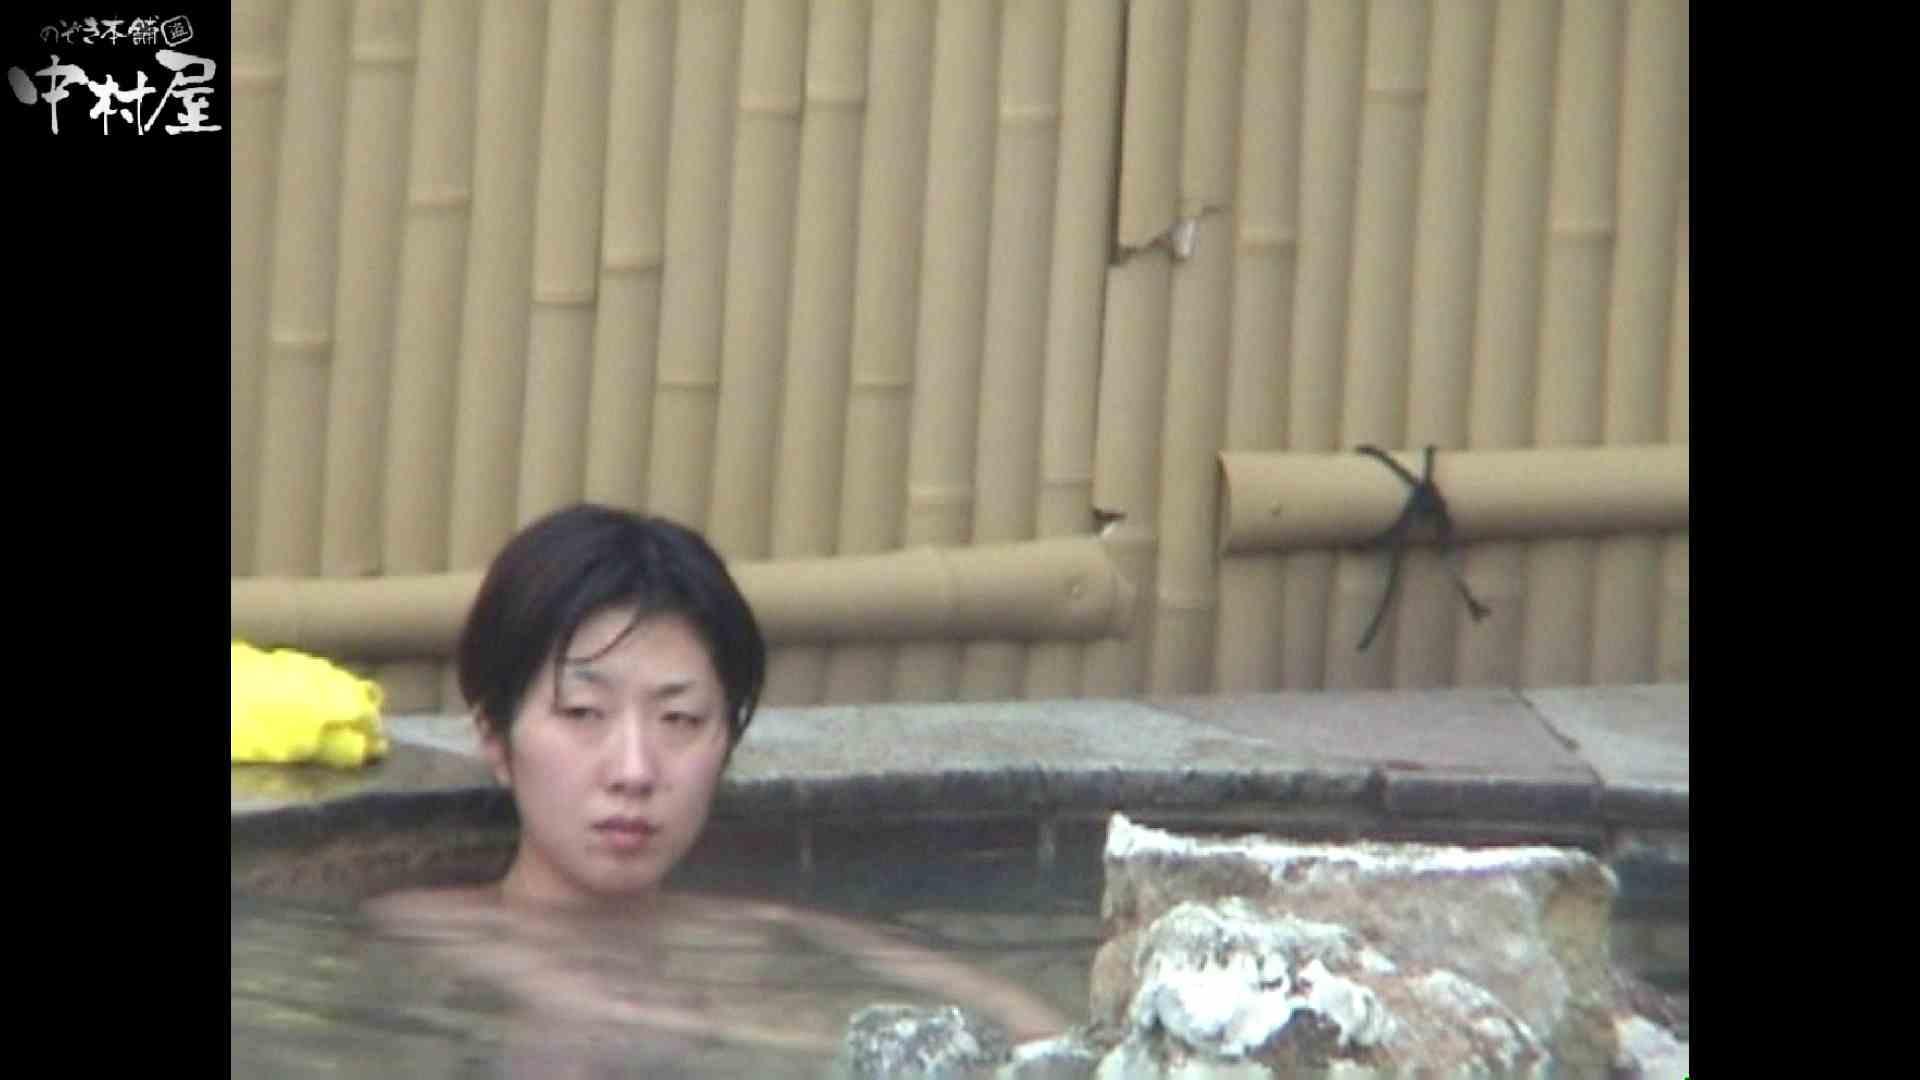 Aquaな露天風呂Vol.921 盗撮特集 | 露天  93画像 59